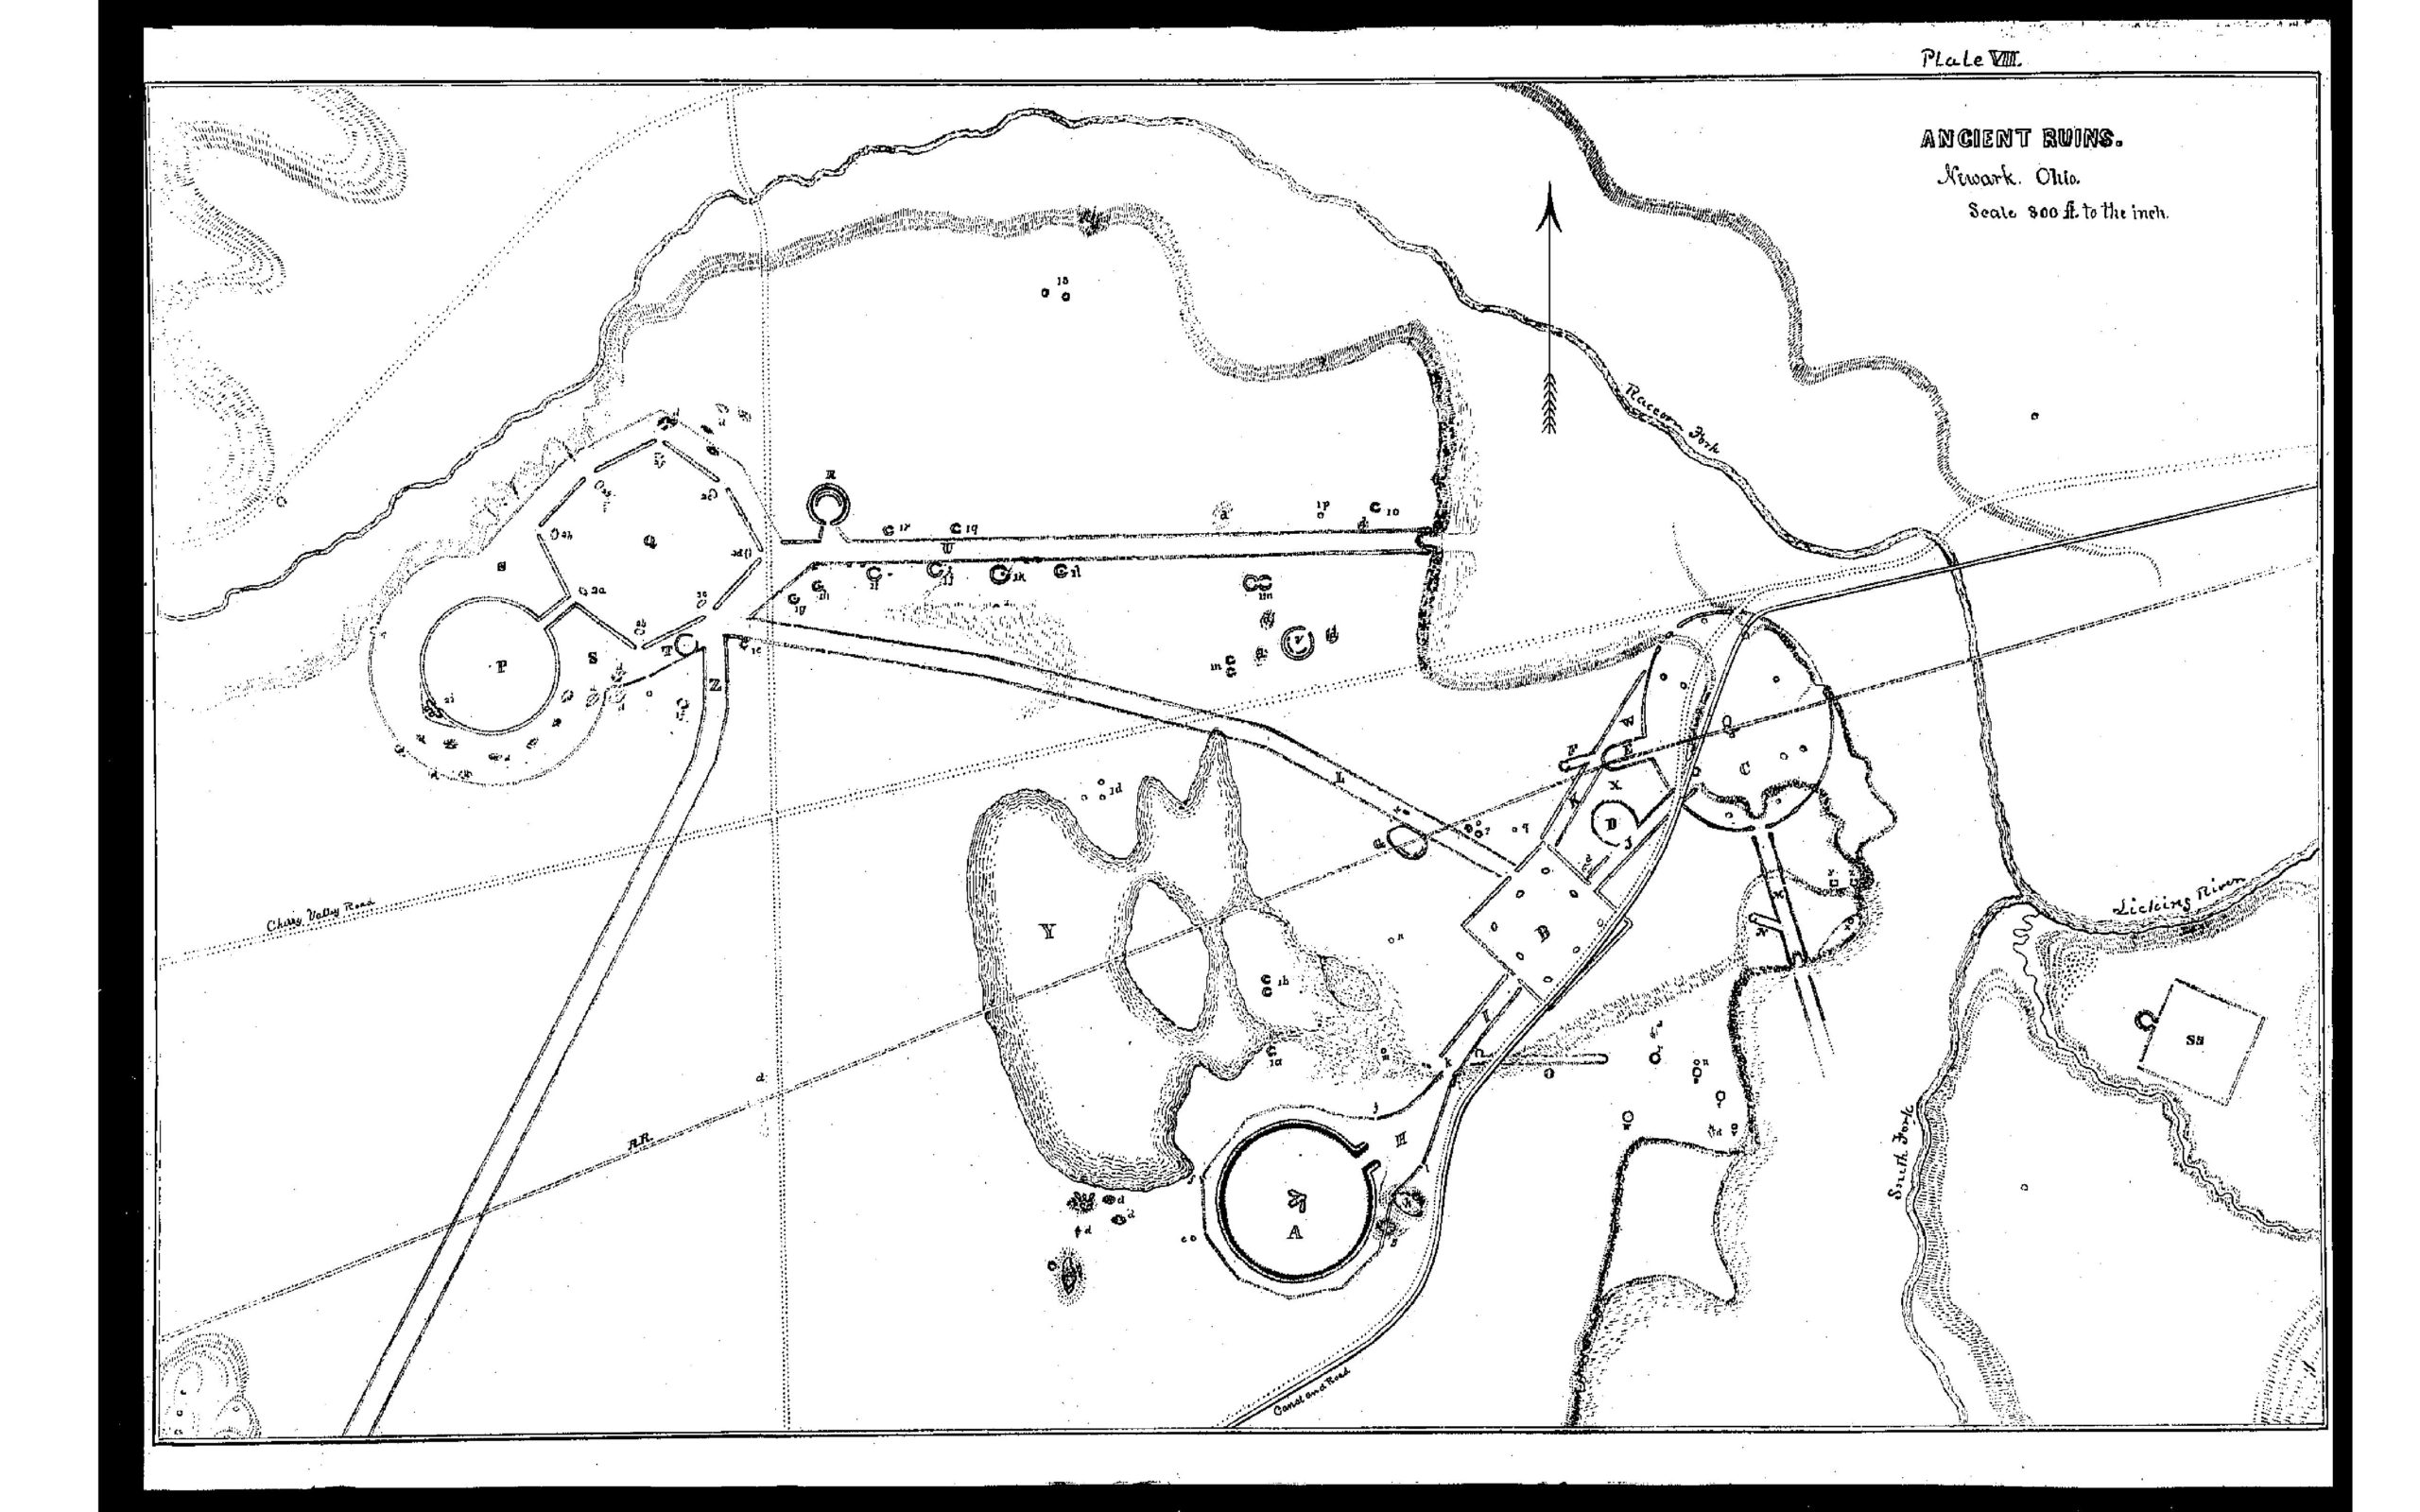 Map of Newark Earthworks